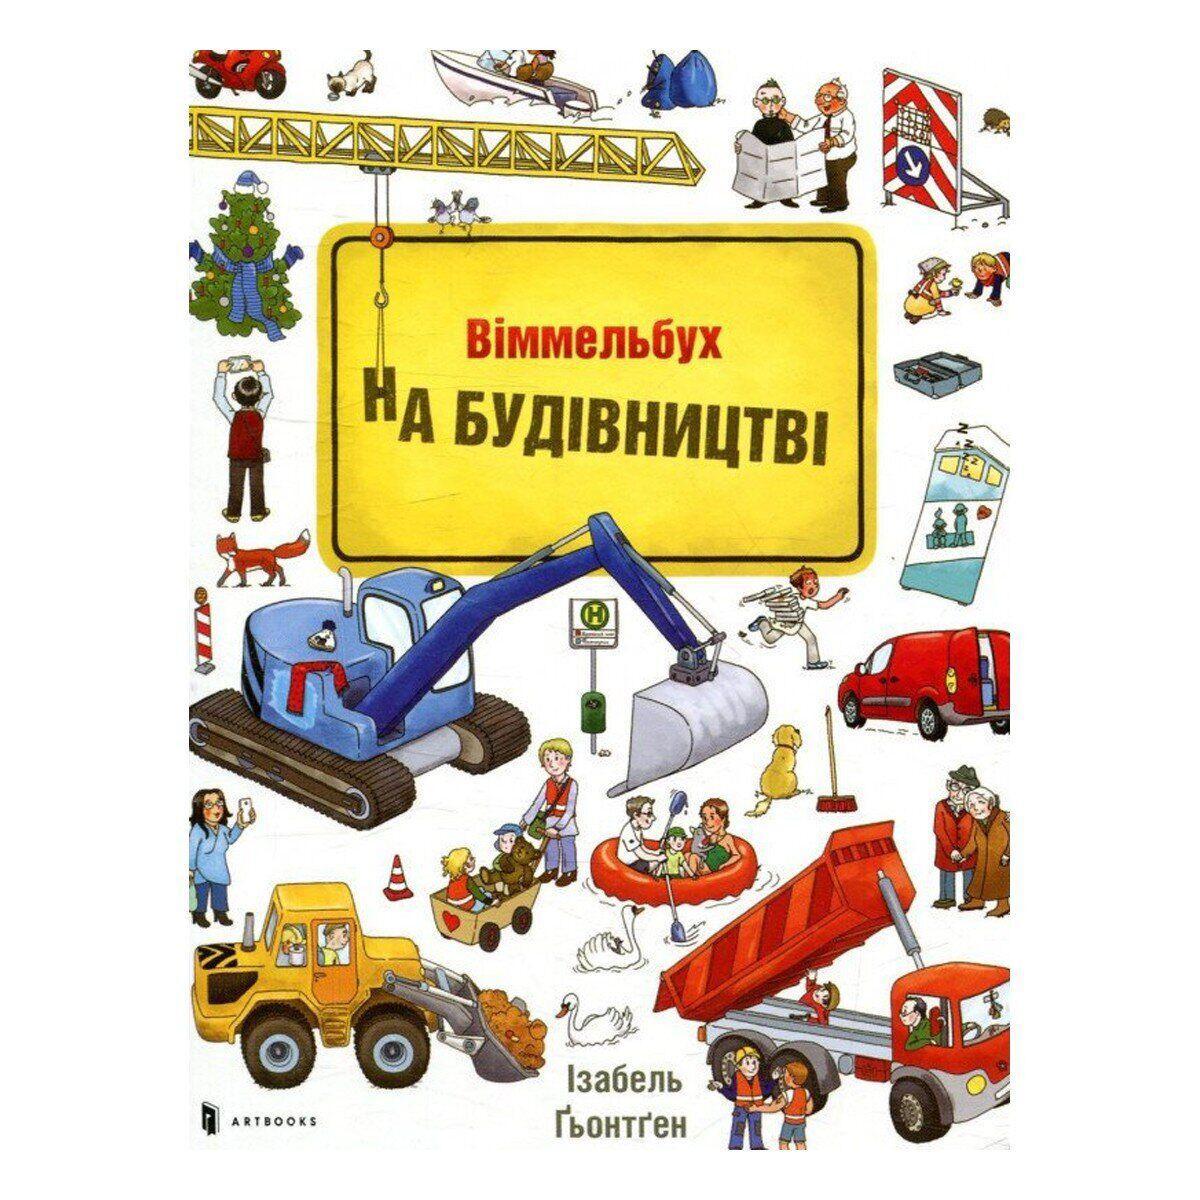 """Маленькая книга """"Віммельбух на будівництві"""" (укр.) Artbooks 6 стр"""